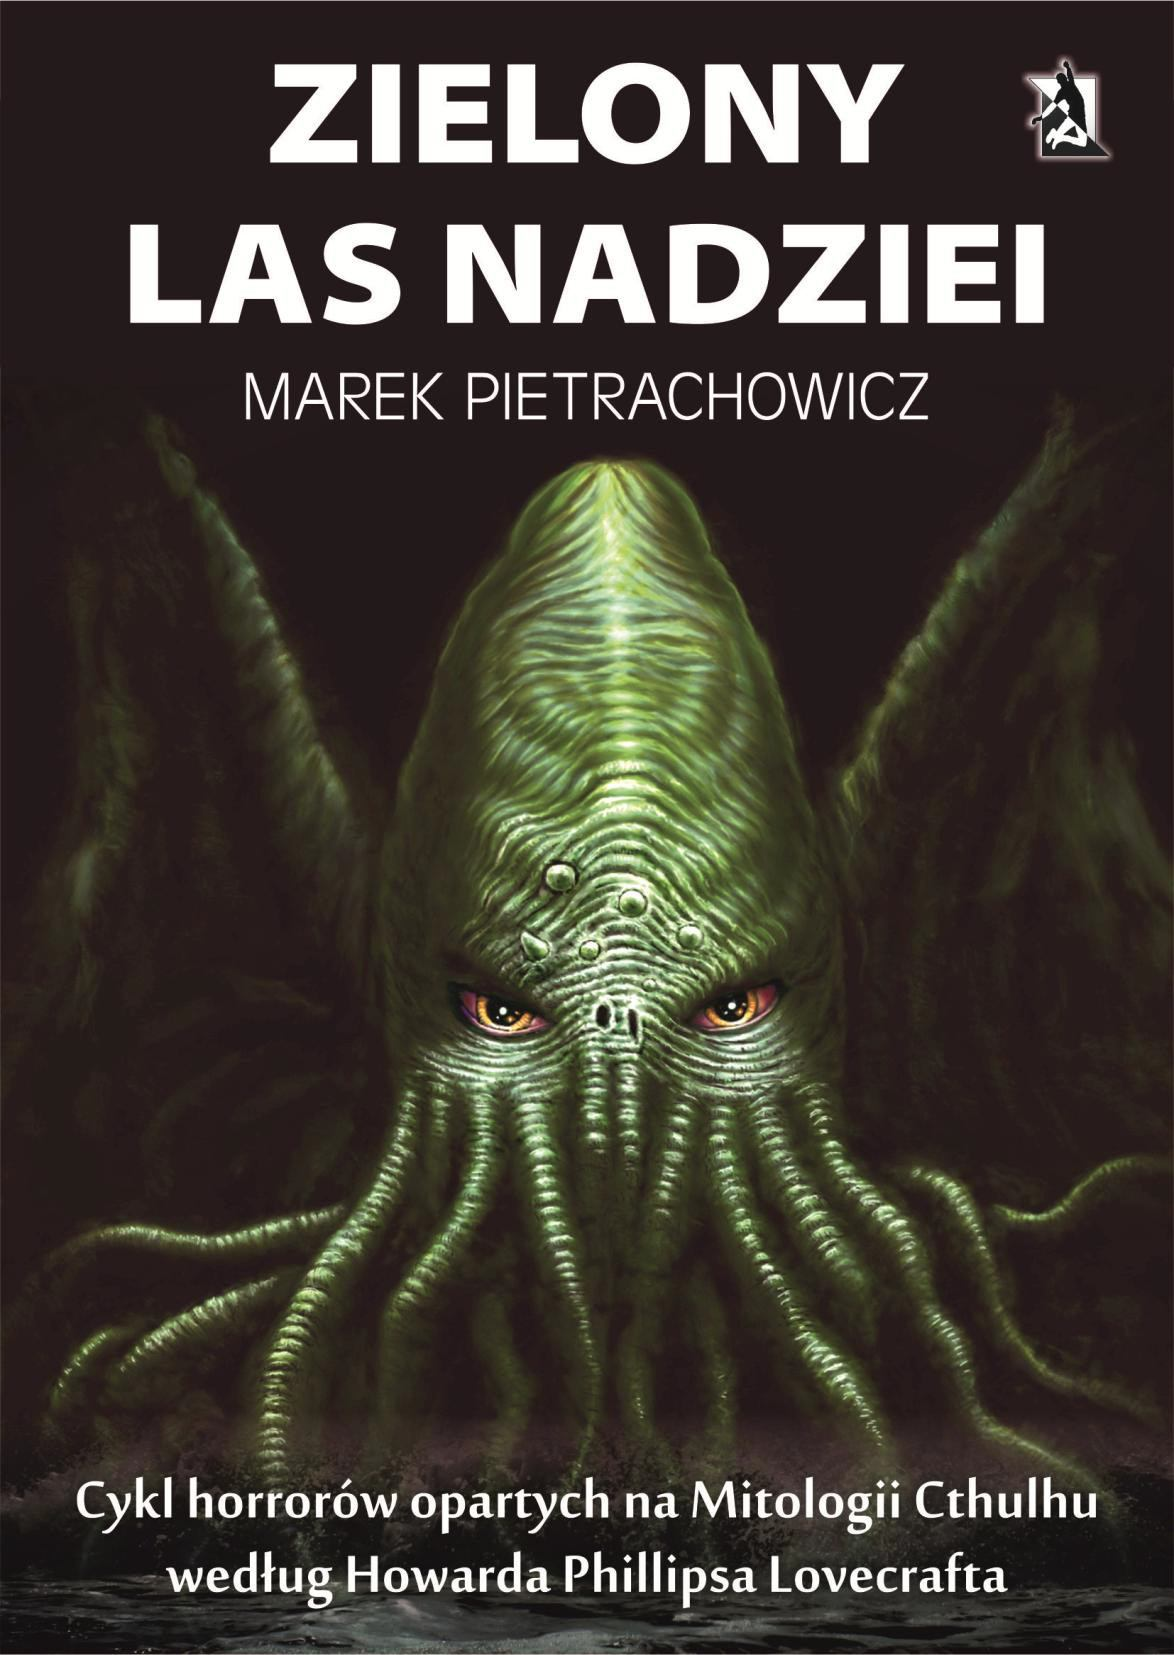 Zielony Las Nadziei - Ebook (Książka EPUB) do pobrania w formacie EPUB